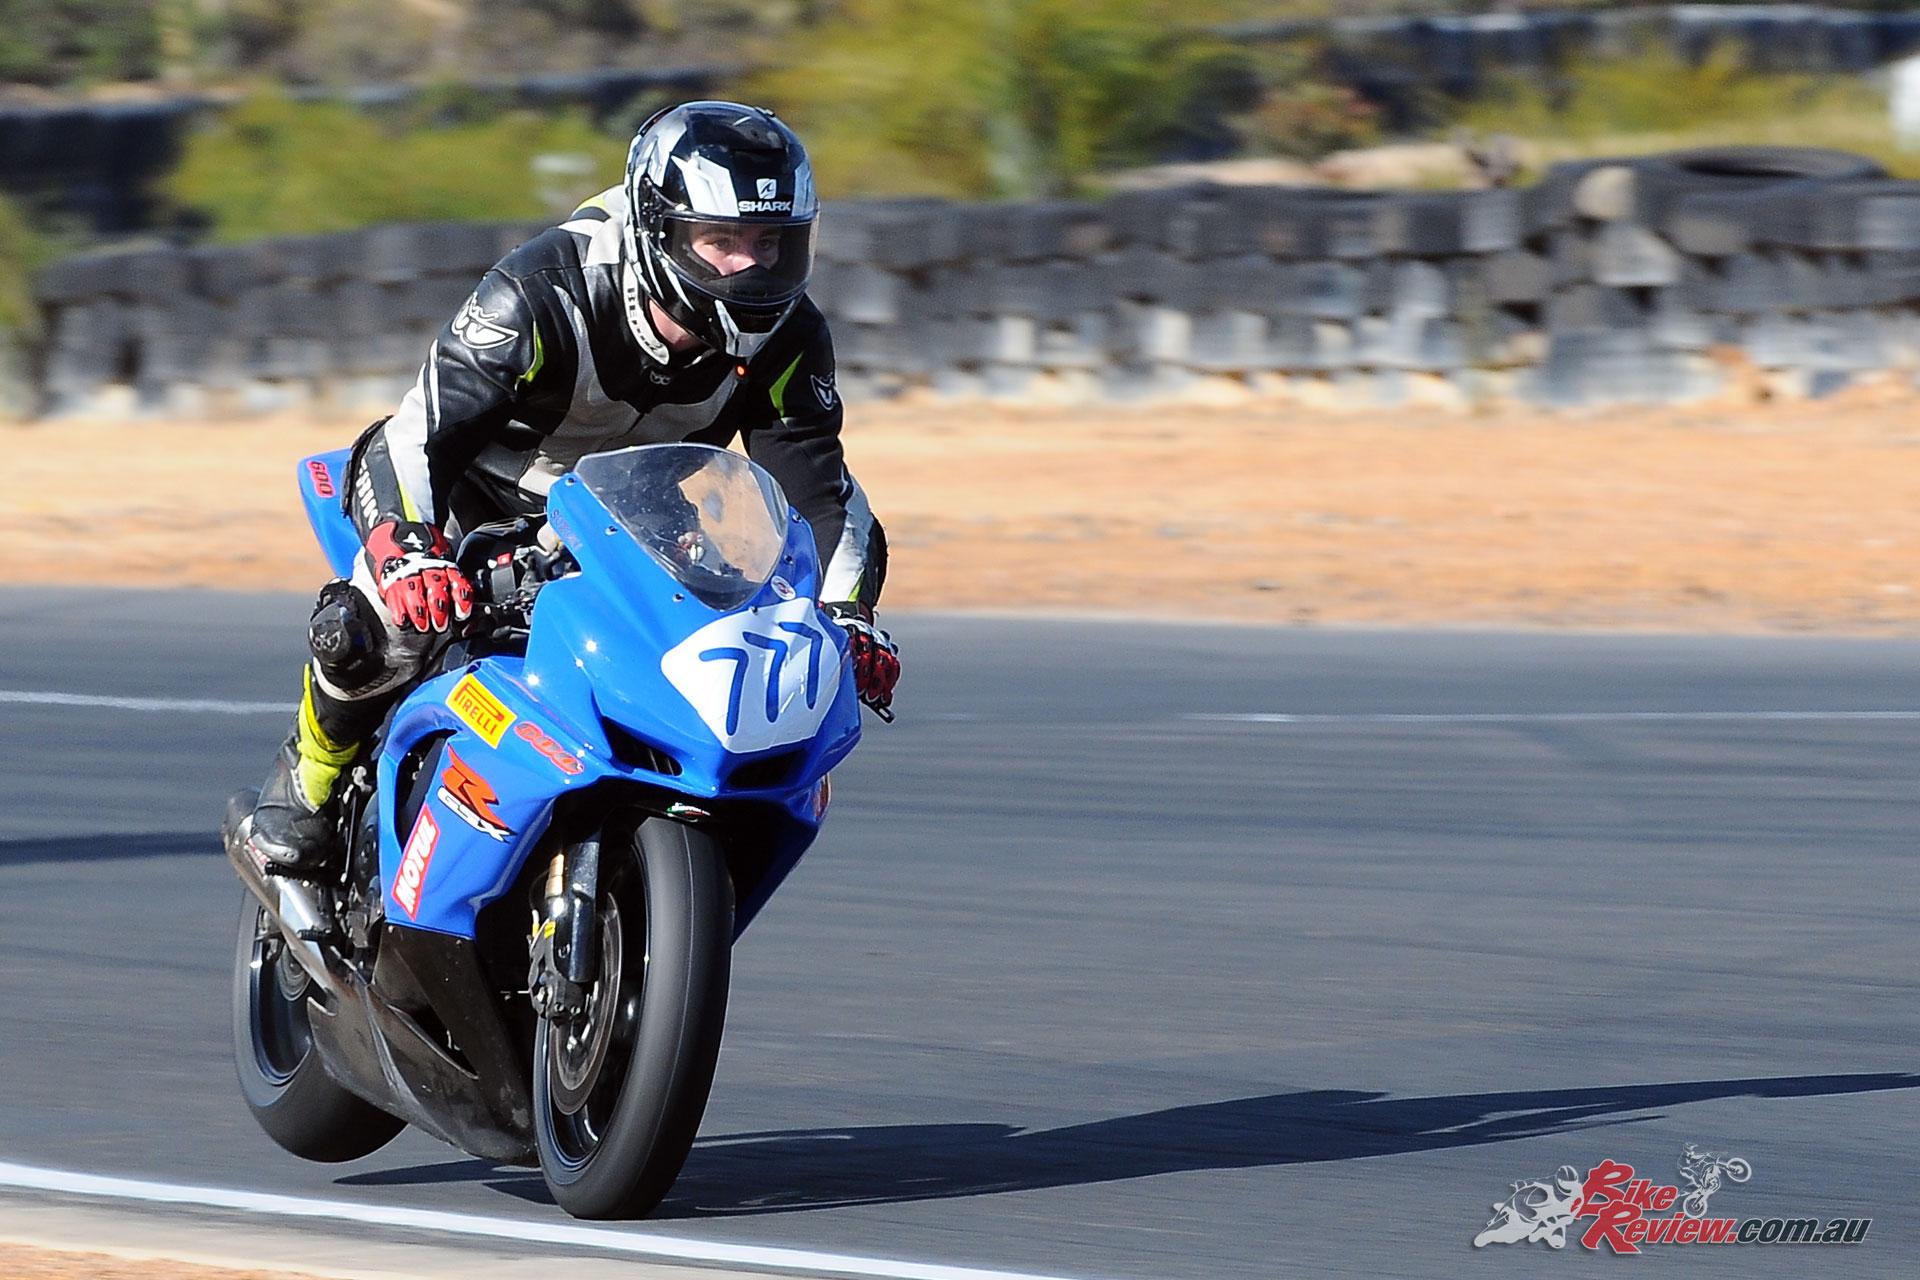 Josh Mathers hard on the brakes into Turn 7